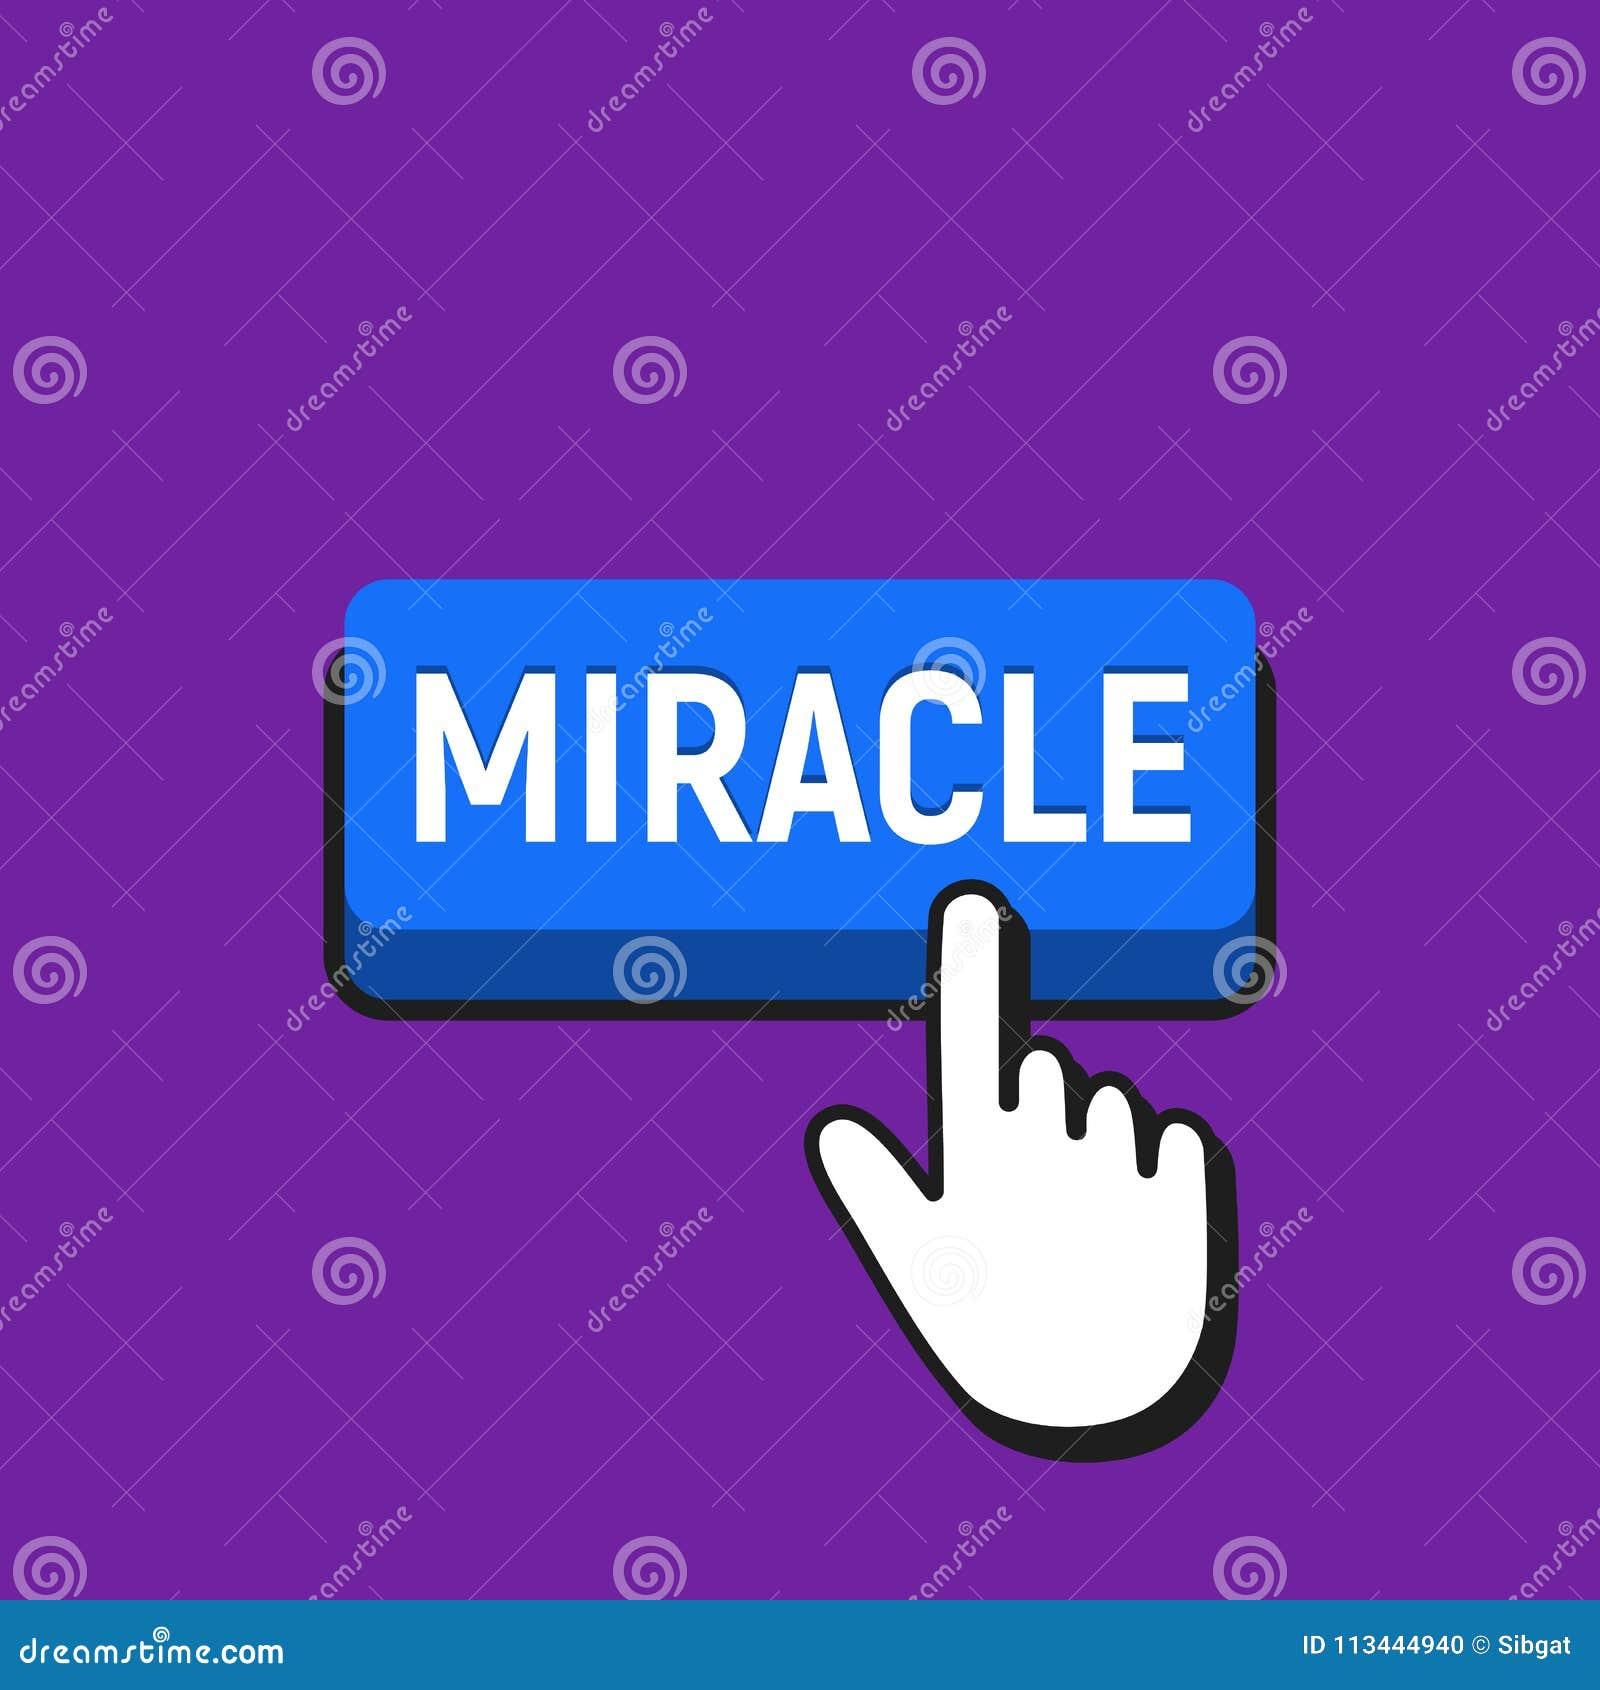 Hand mouse cursor clicks the miracle button stock vector download hand mouse cursor clicks the miracle button stock vector illustration of template maxwellsz